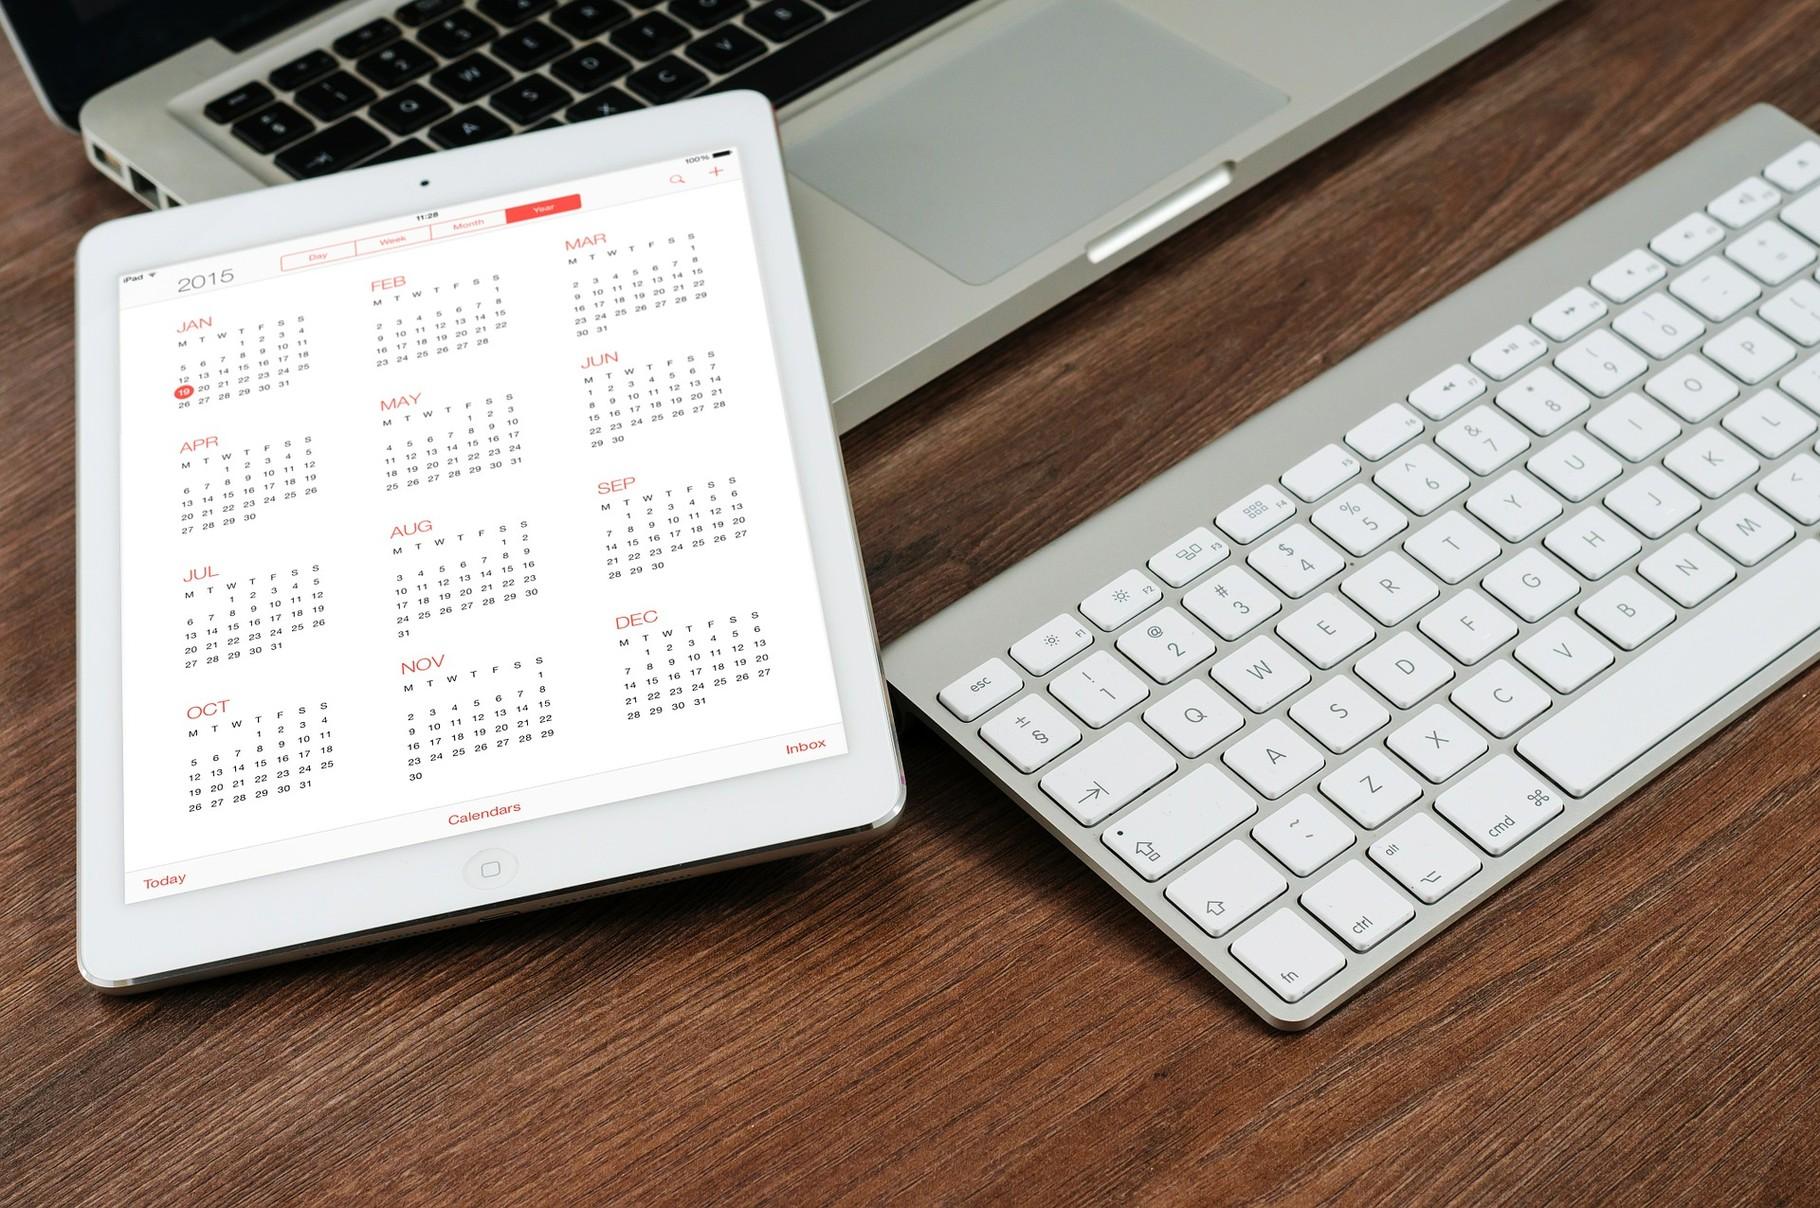 2. Computer und Co. erleichtern unseren Alltag. Doch auch das tägliche Surfen im Internet verschlingt eine Unmenge an Zeit und viele der Seiten auf denen wir surfen haben nicht wirklich einen Mehrwert.